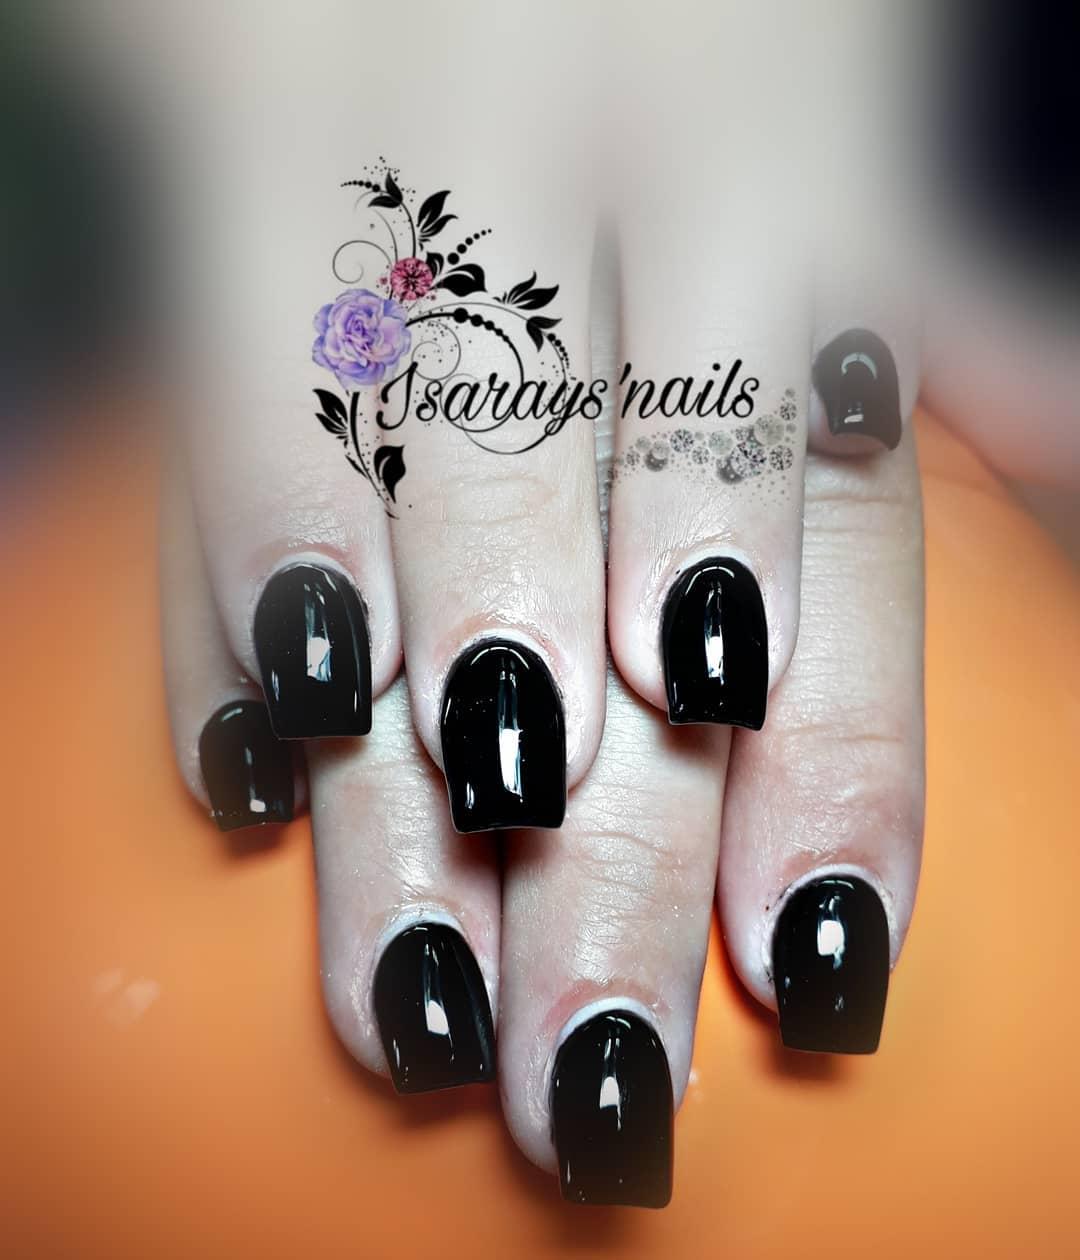 #nailart #nails #nails # nailscuraçao # prego # pregos # uñasgel # uñaspostizas # uñasacri ...